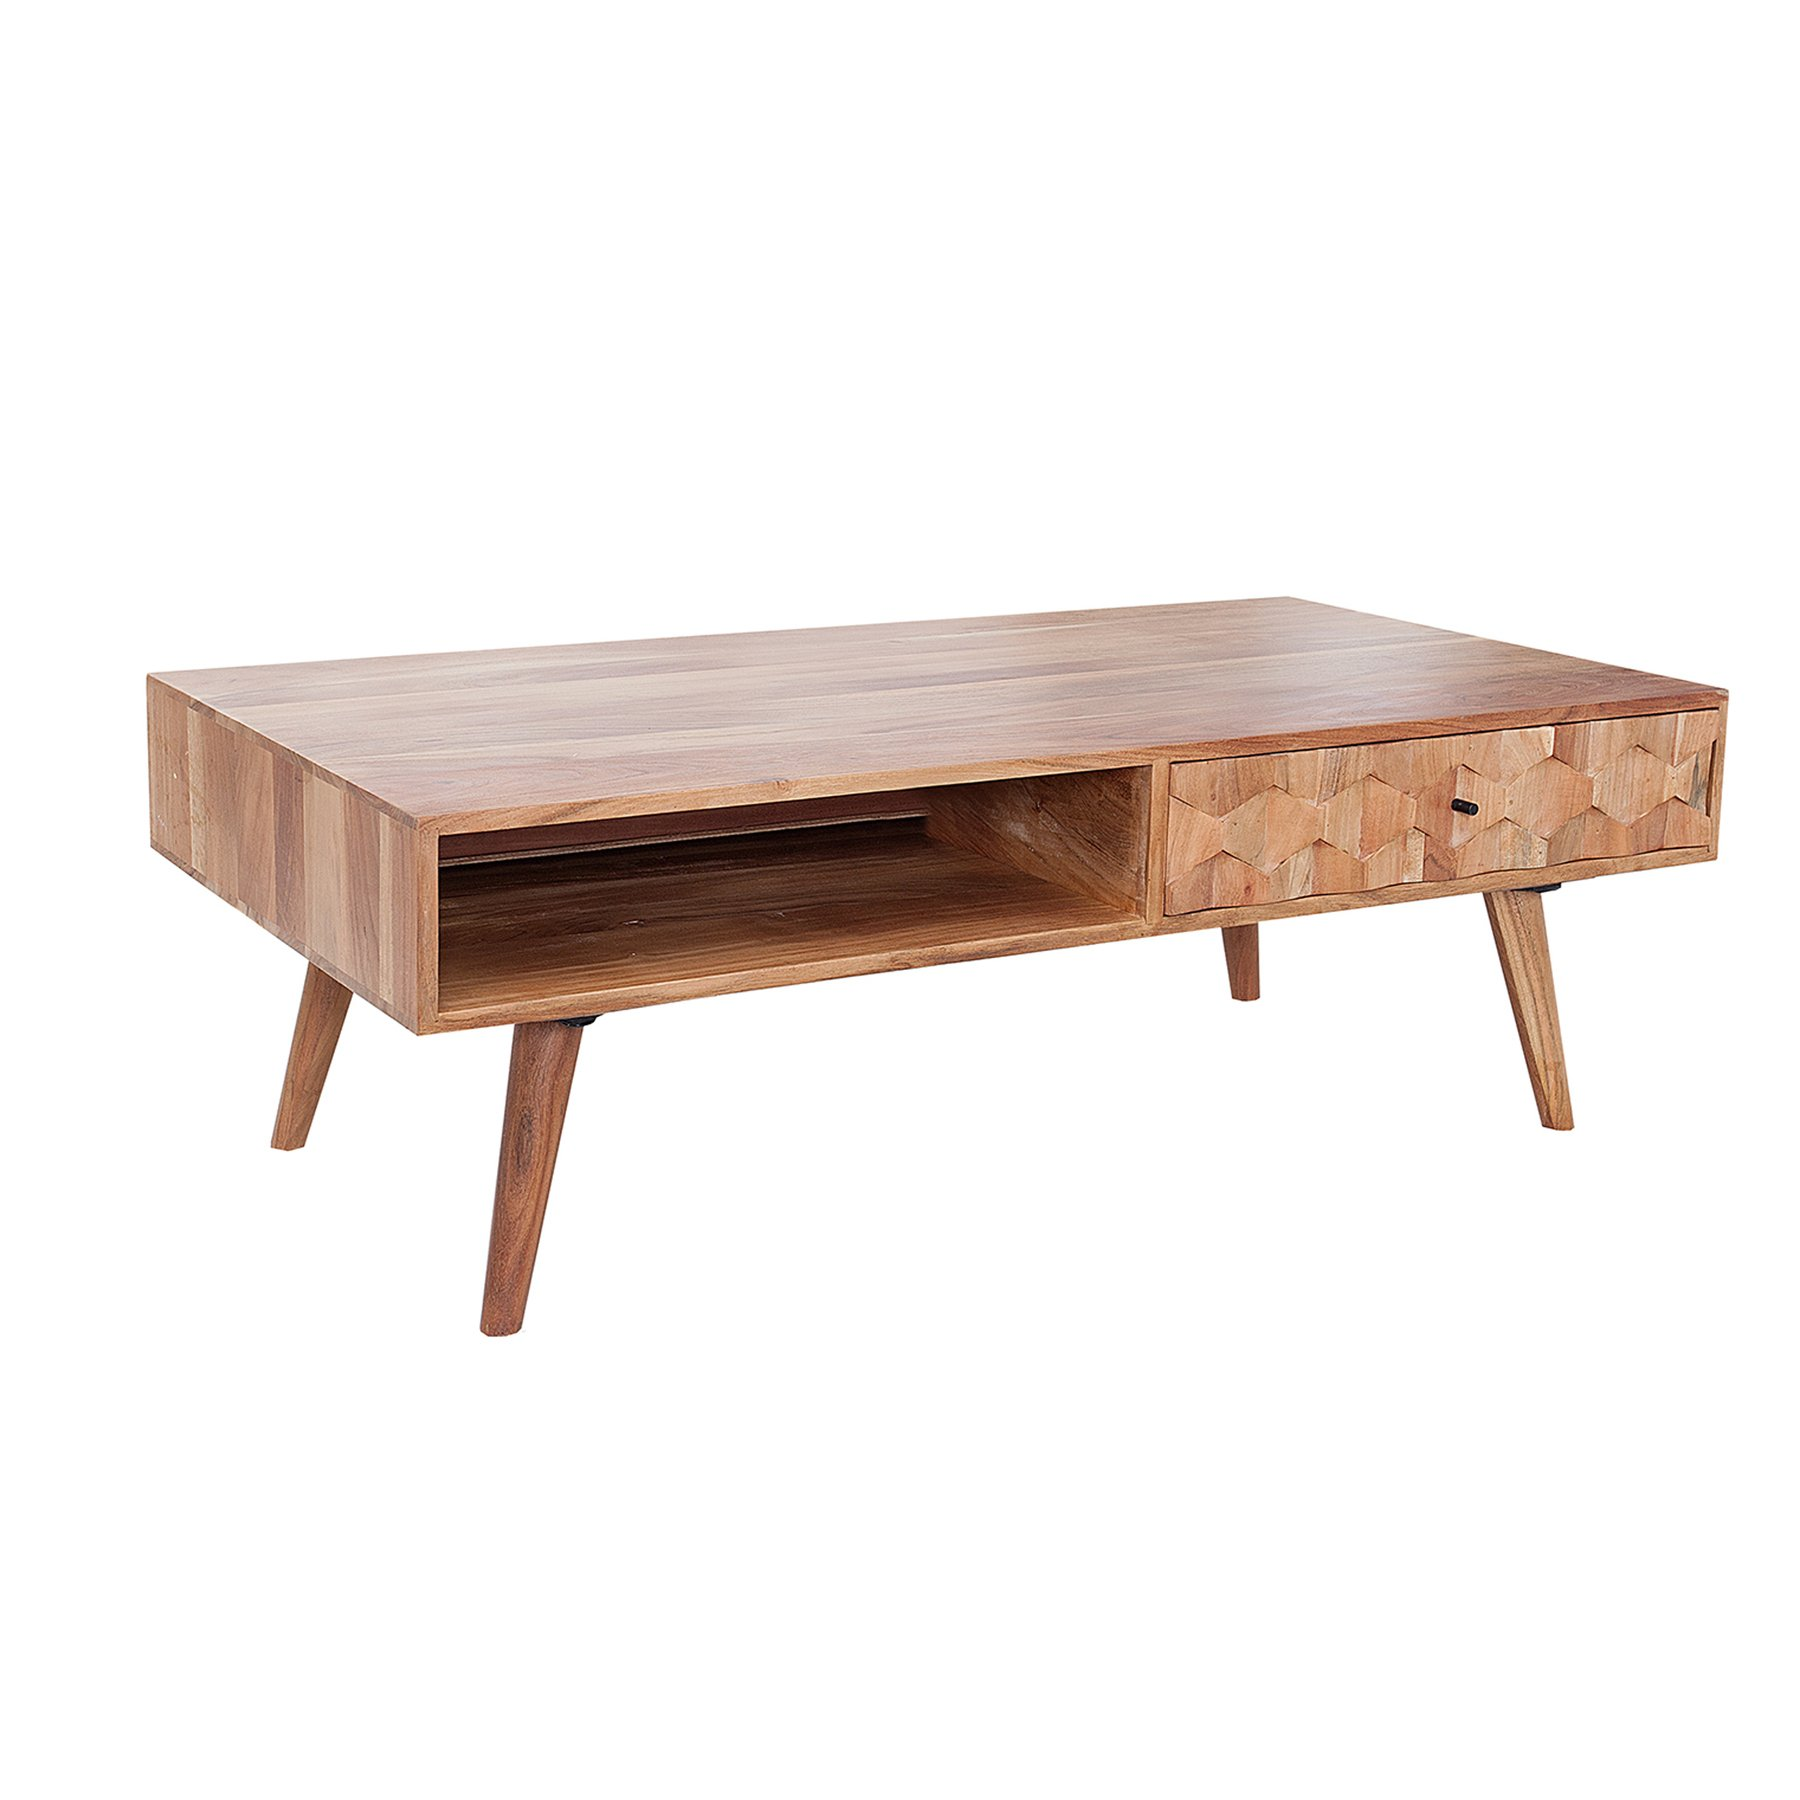 Invicta Interior Design Couchtisch Retro 120 cm Sheesham Stone Finish Massiver Tisch Wohnzimmertisch